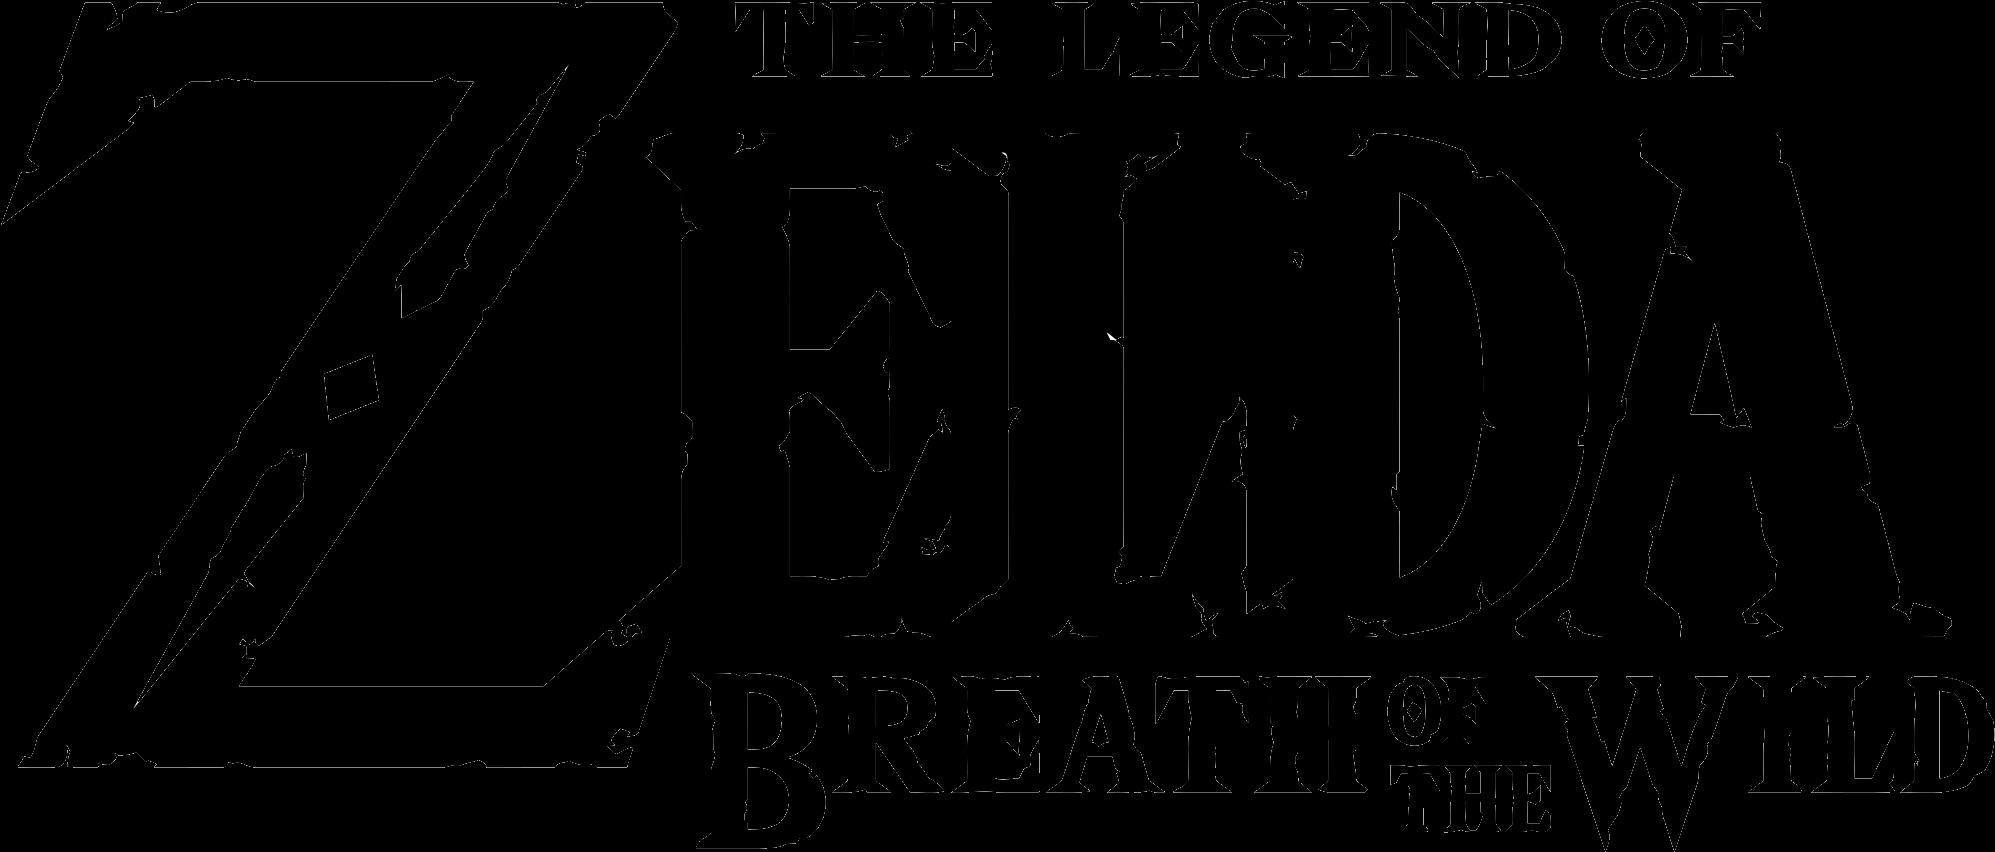 Legend fm clipart clip transparent download Zelda Svg Legends - Legend Of Zelda Breath Of The Wild Logo ... clip transparent download